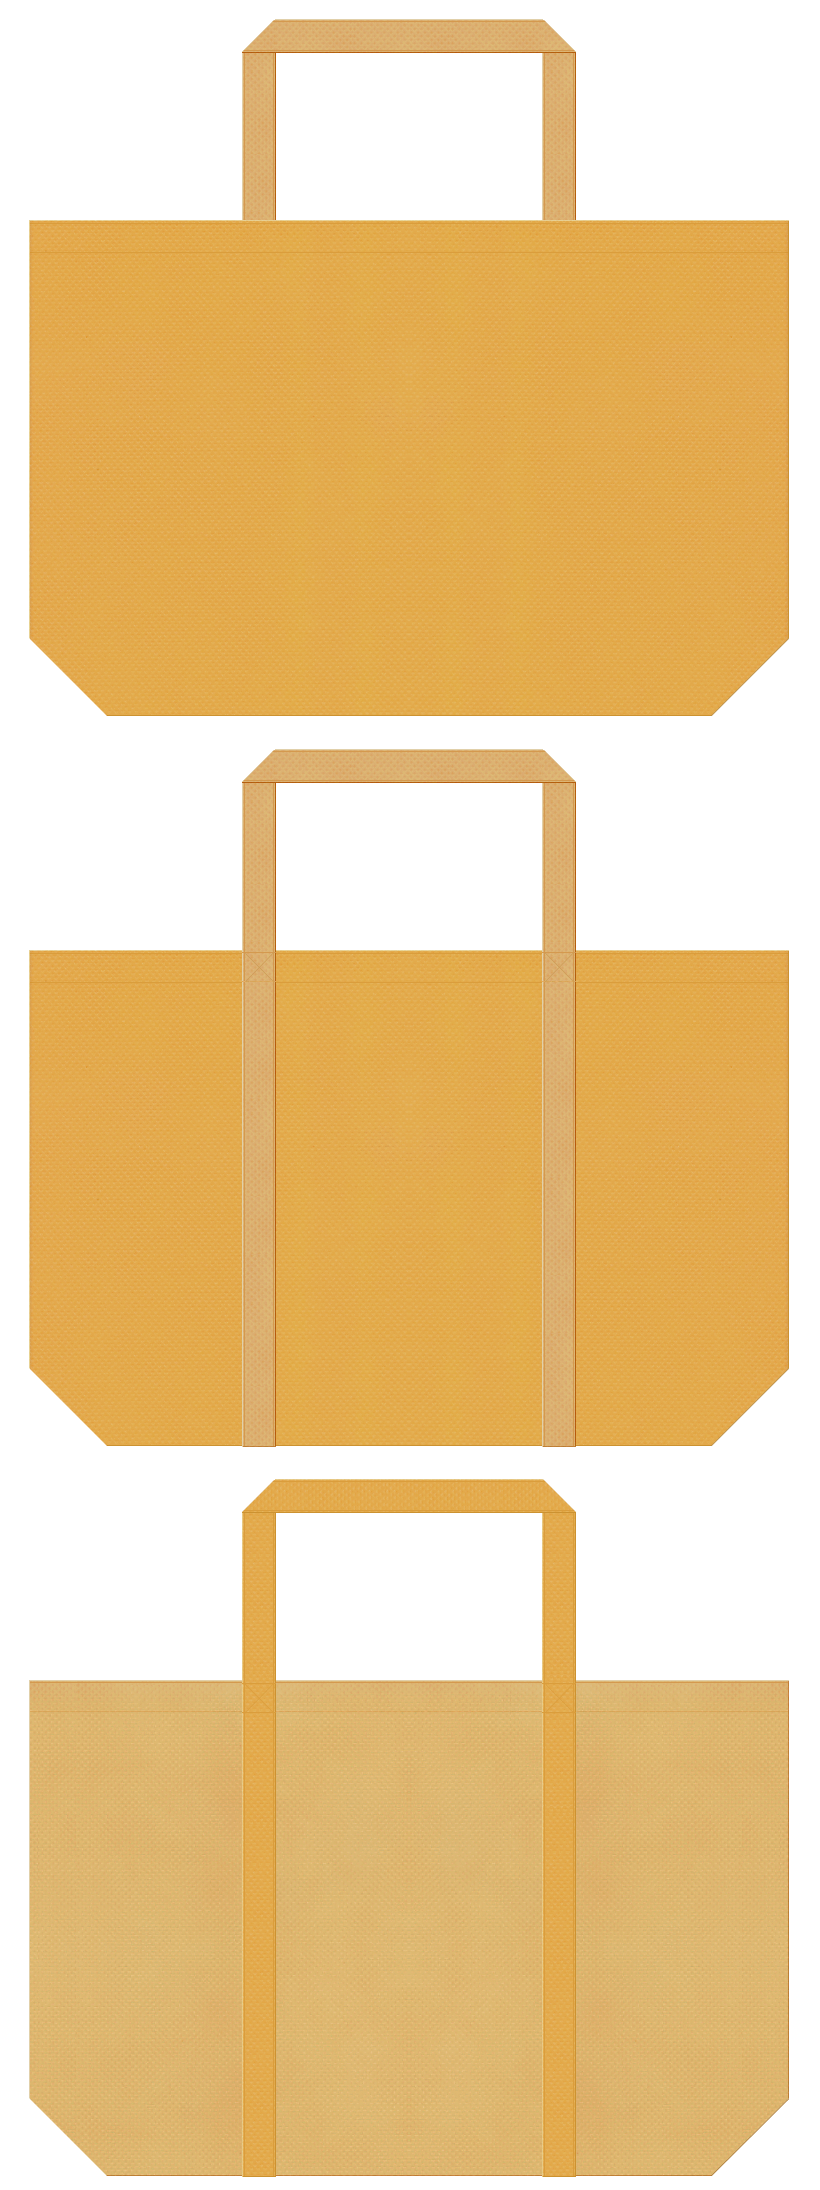 黄土色と薄黄土色の不織布ショッピングバッグデザイン。